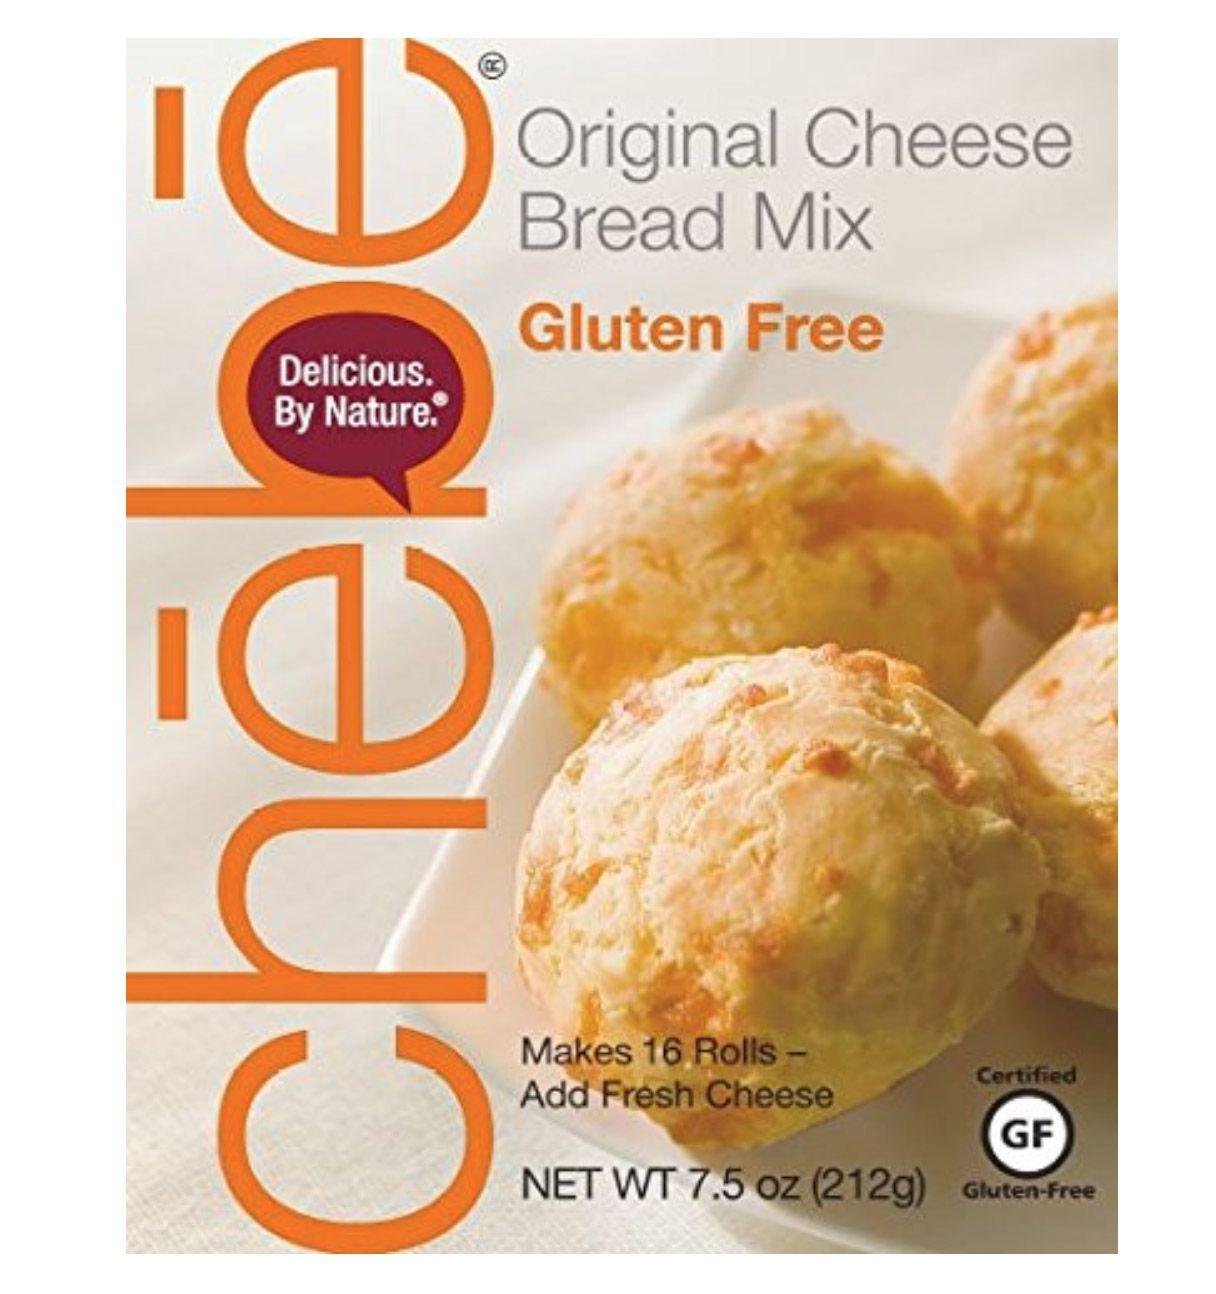 Chebe Bread Original Cheese Bread Mix